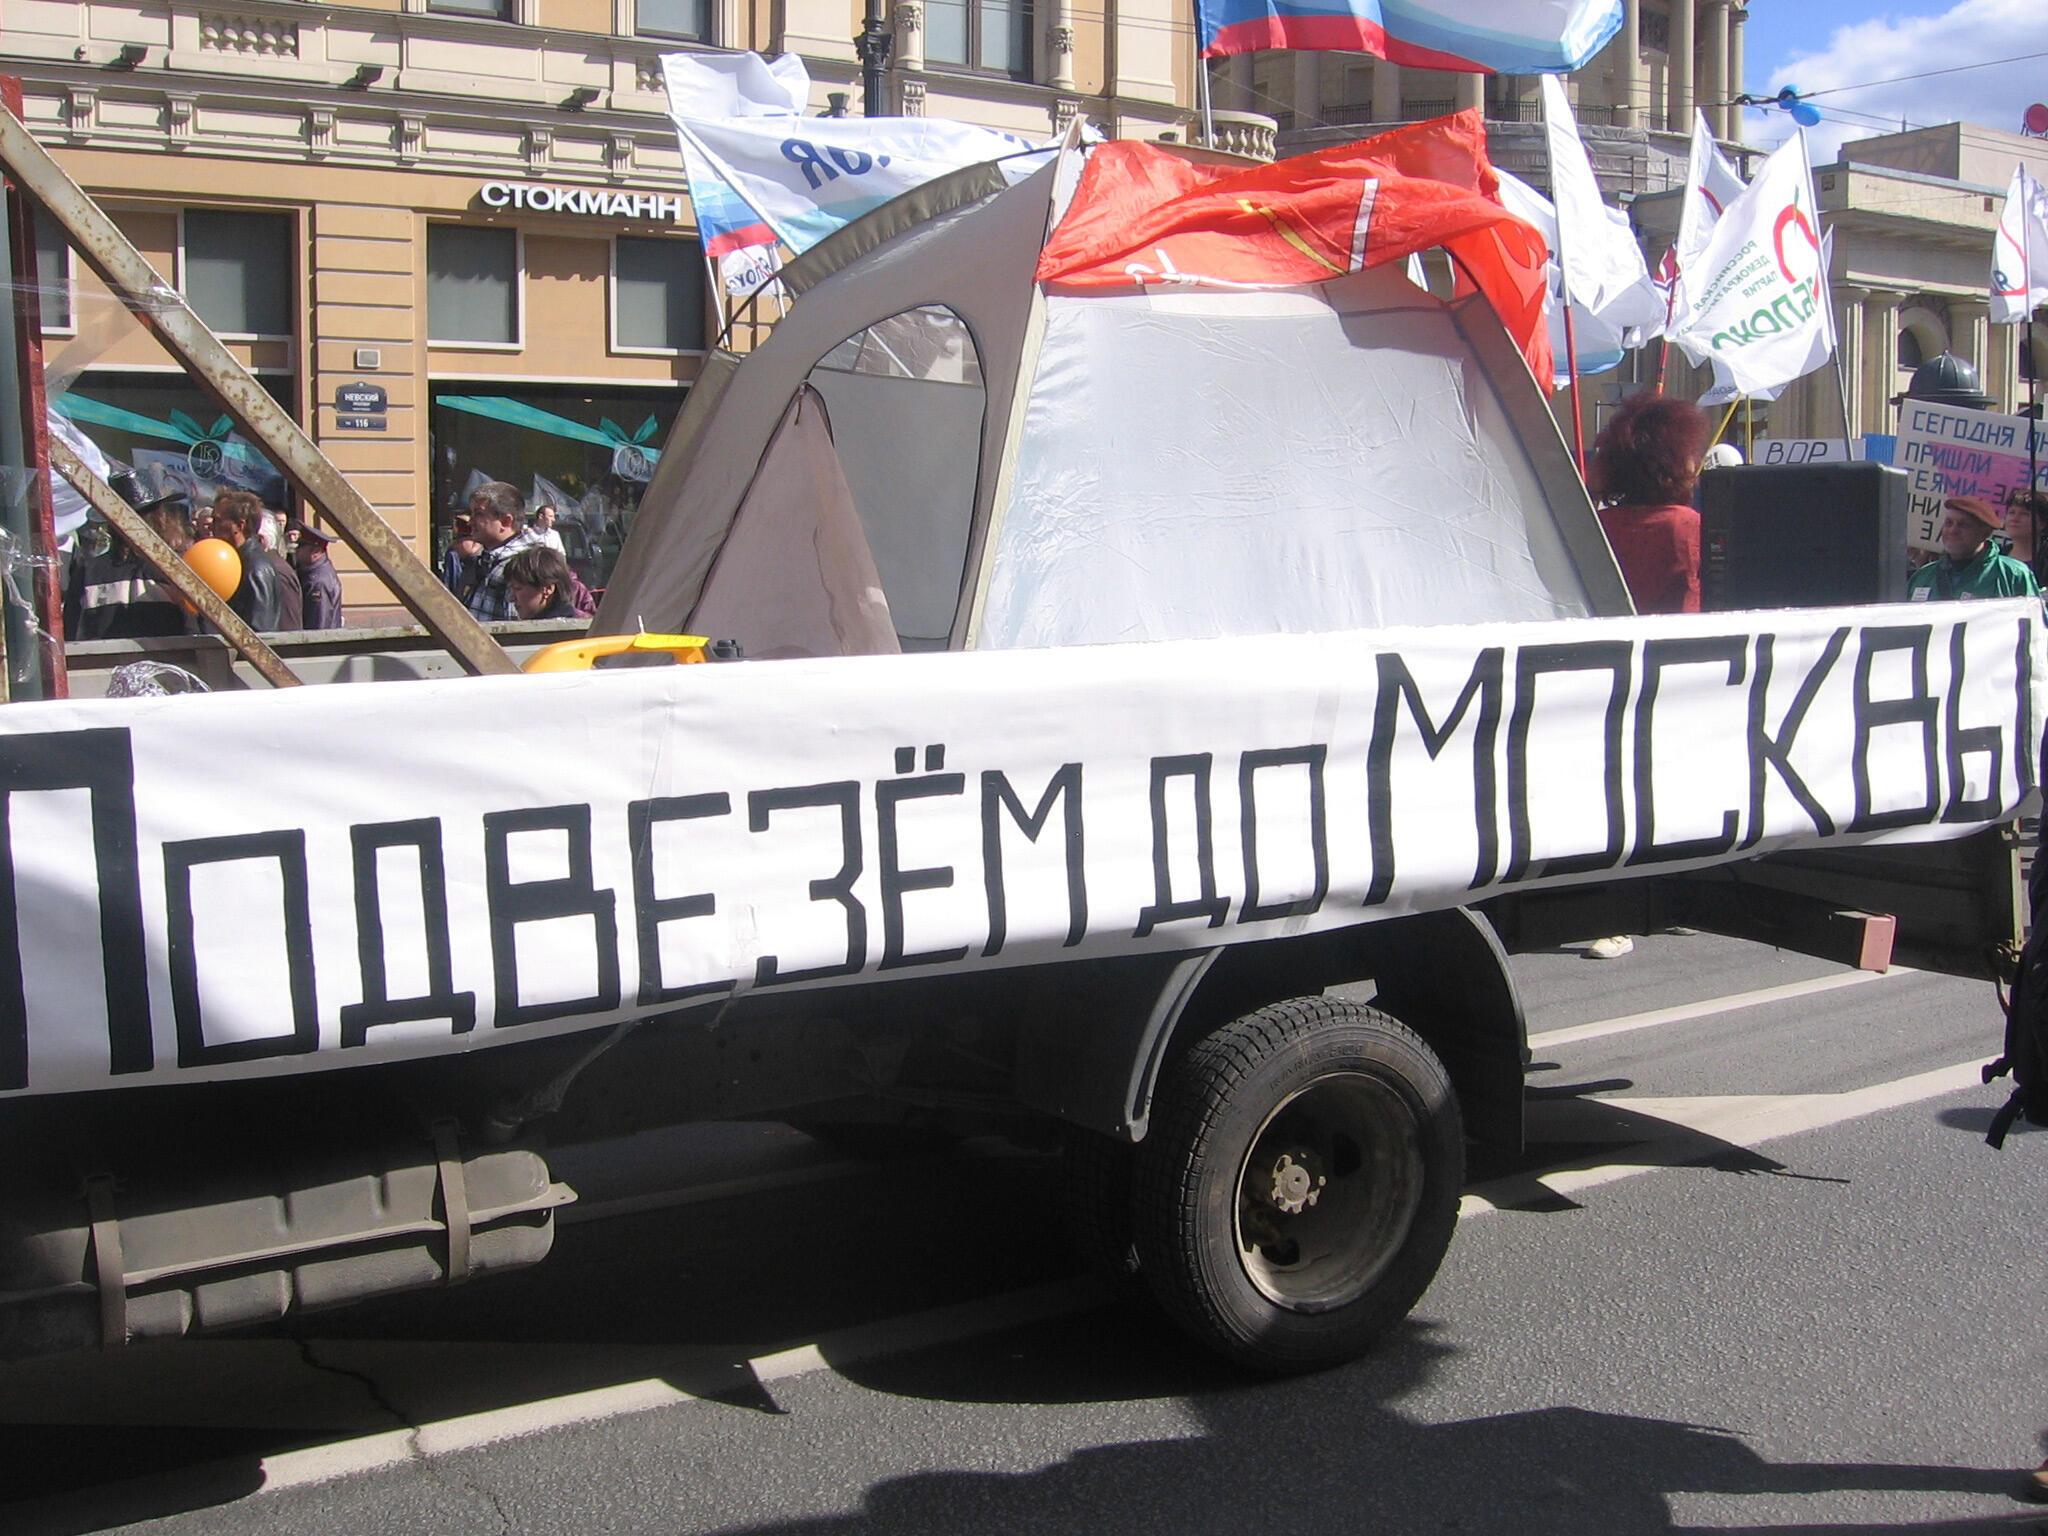 Приглашение на московский Марш миллионов в ходе первомайской демонстрации в Санкт-Петербурге в 2012 г.